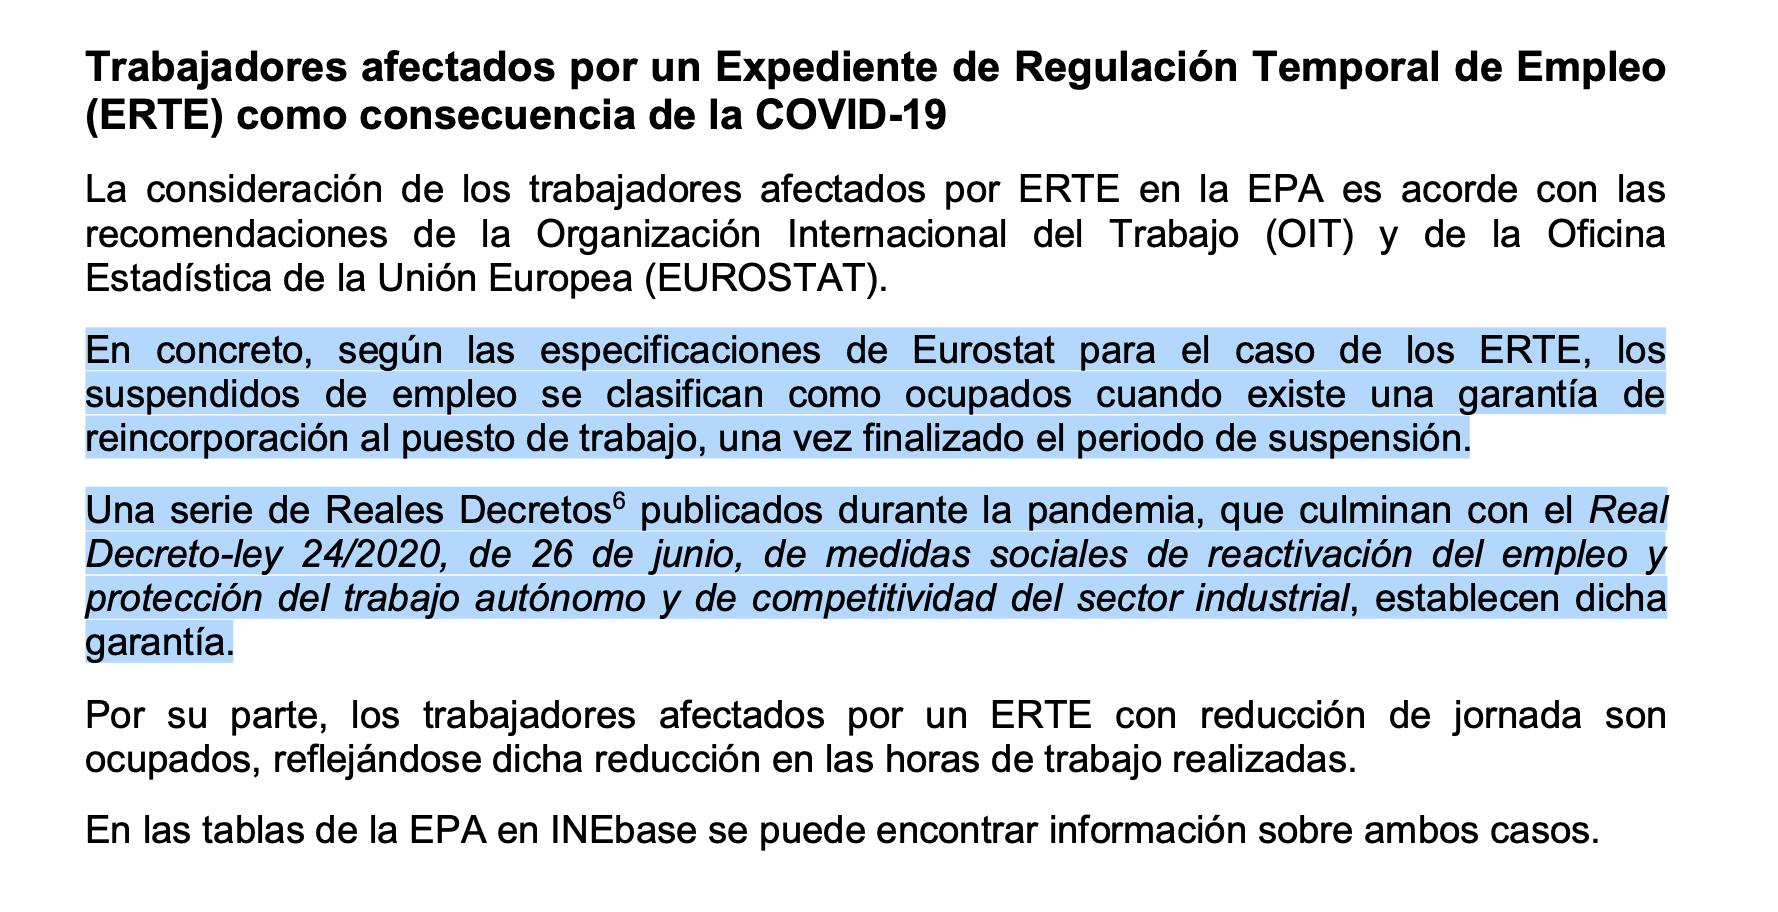 2-metodologia-epa-afectados-erte.png